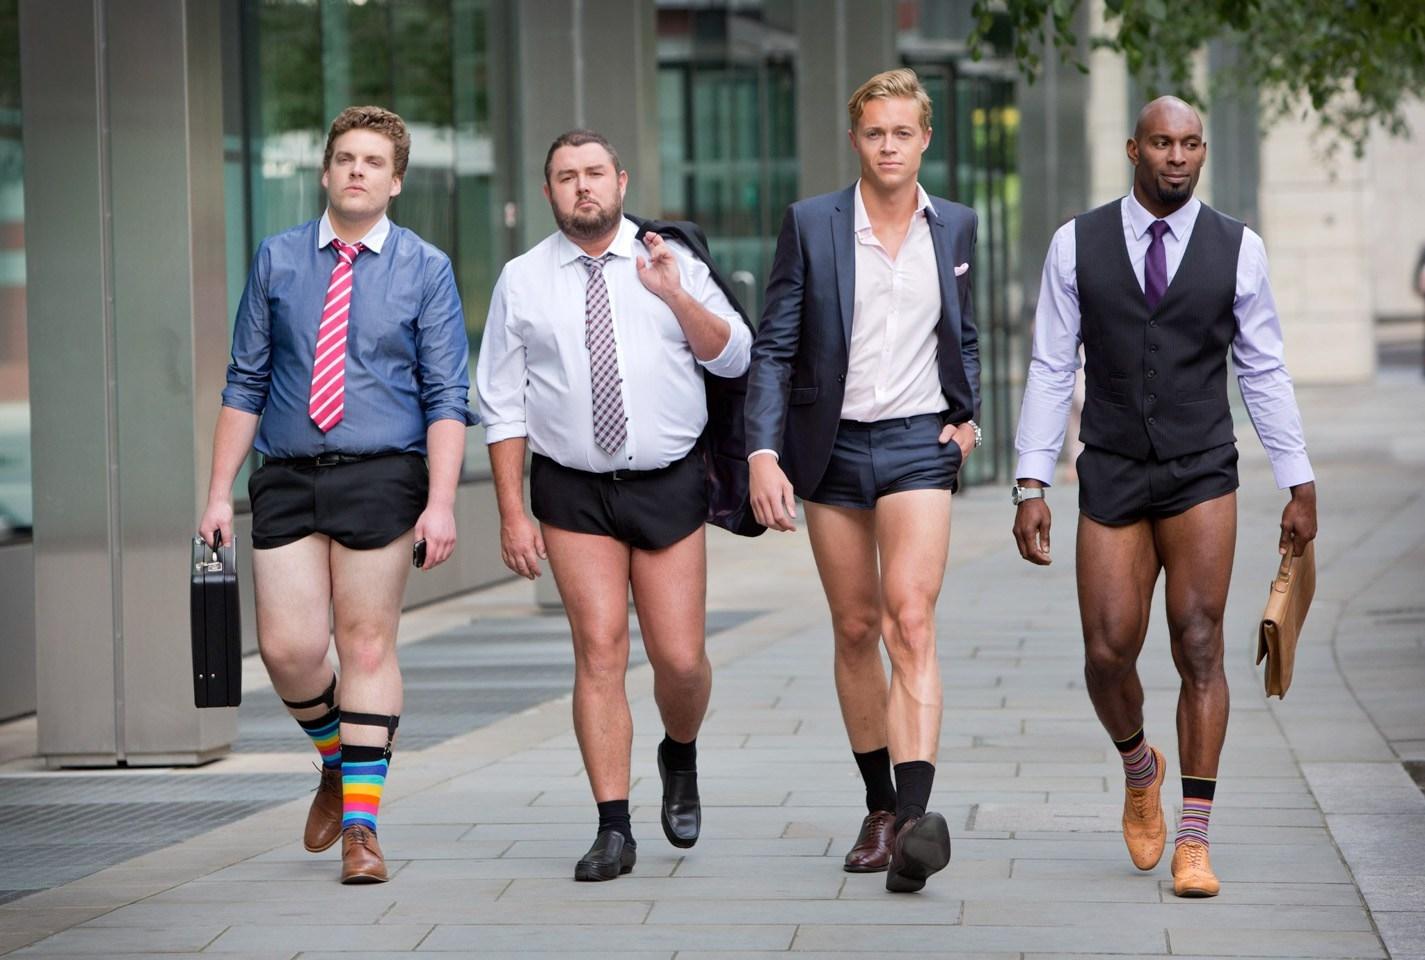 齐蛋短裤是什么样子的,英国男生穿齐蛋短裤